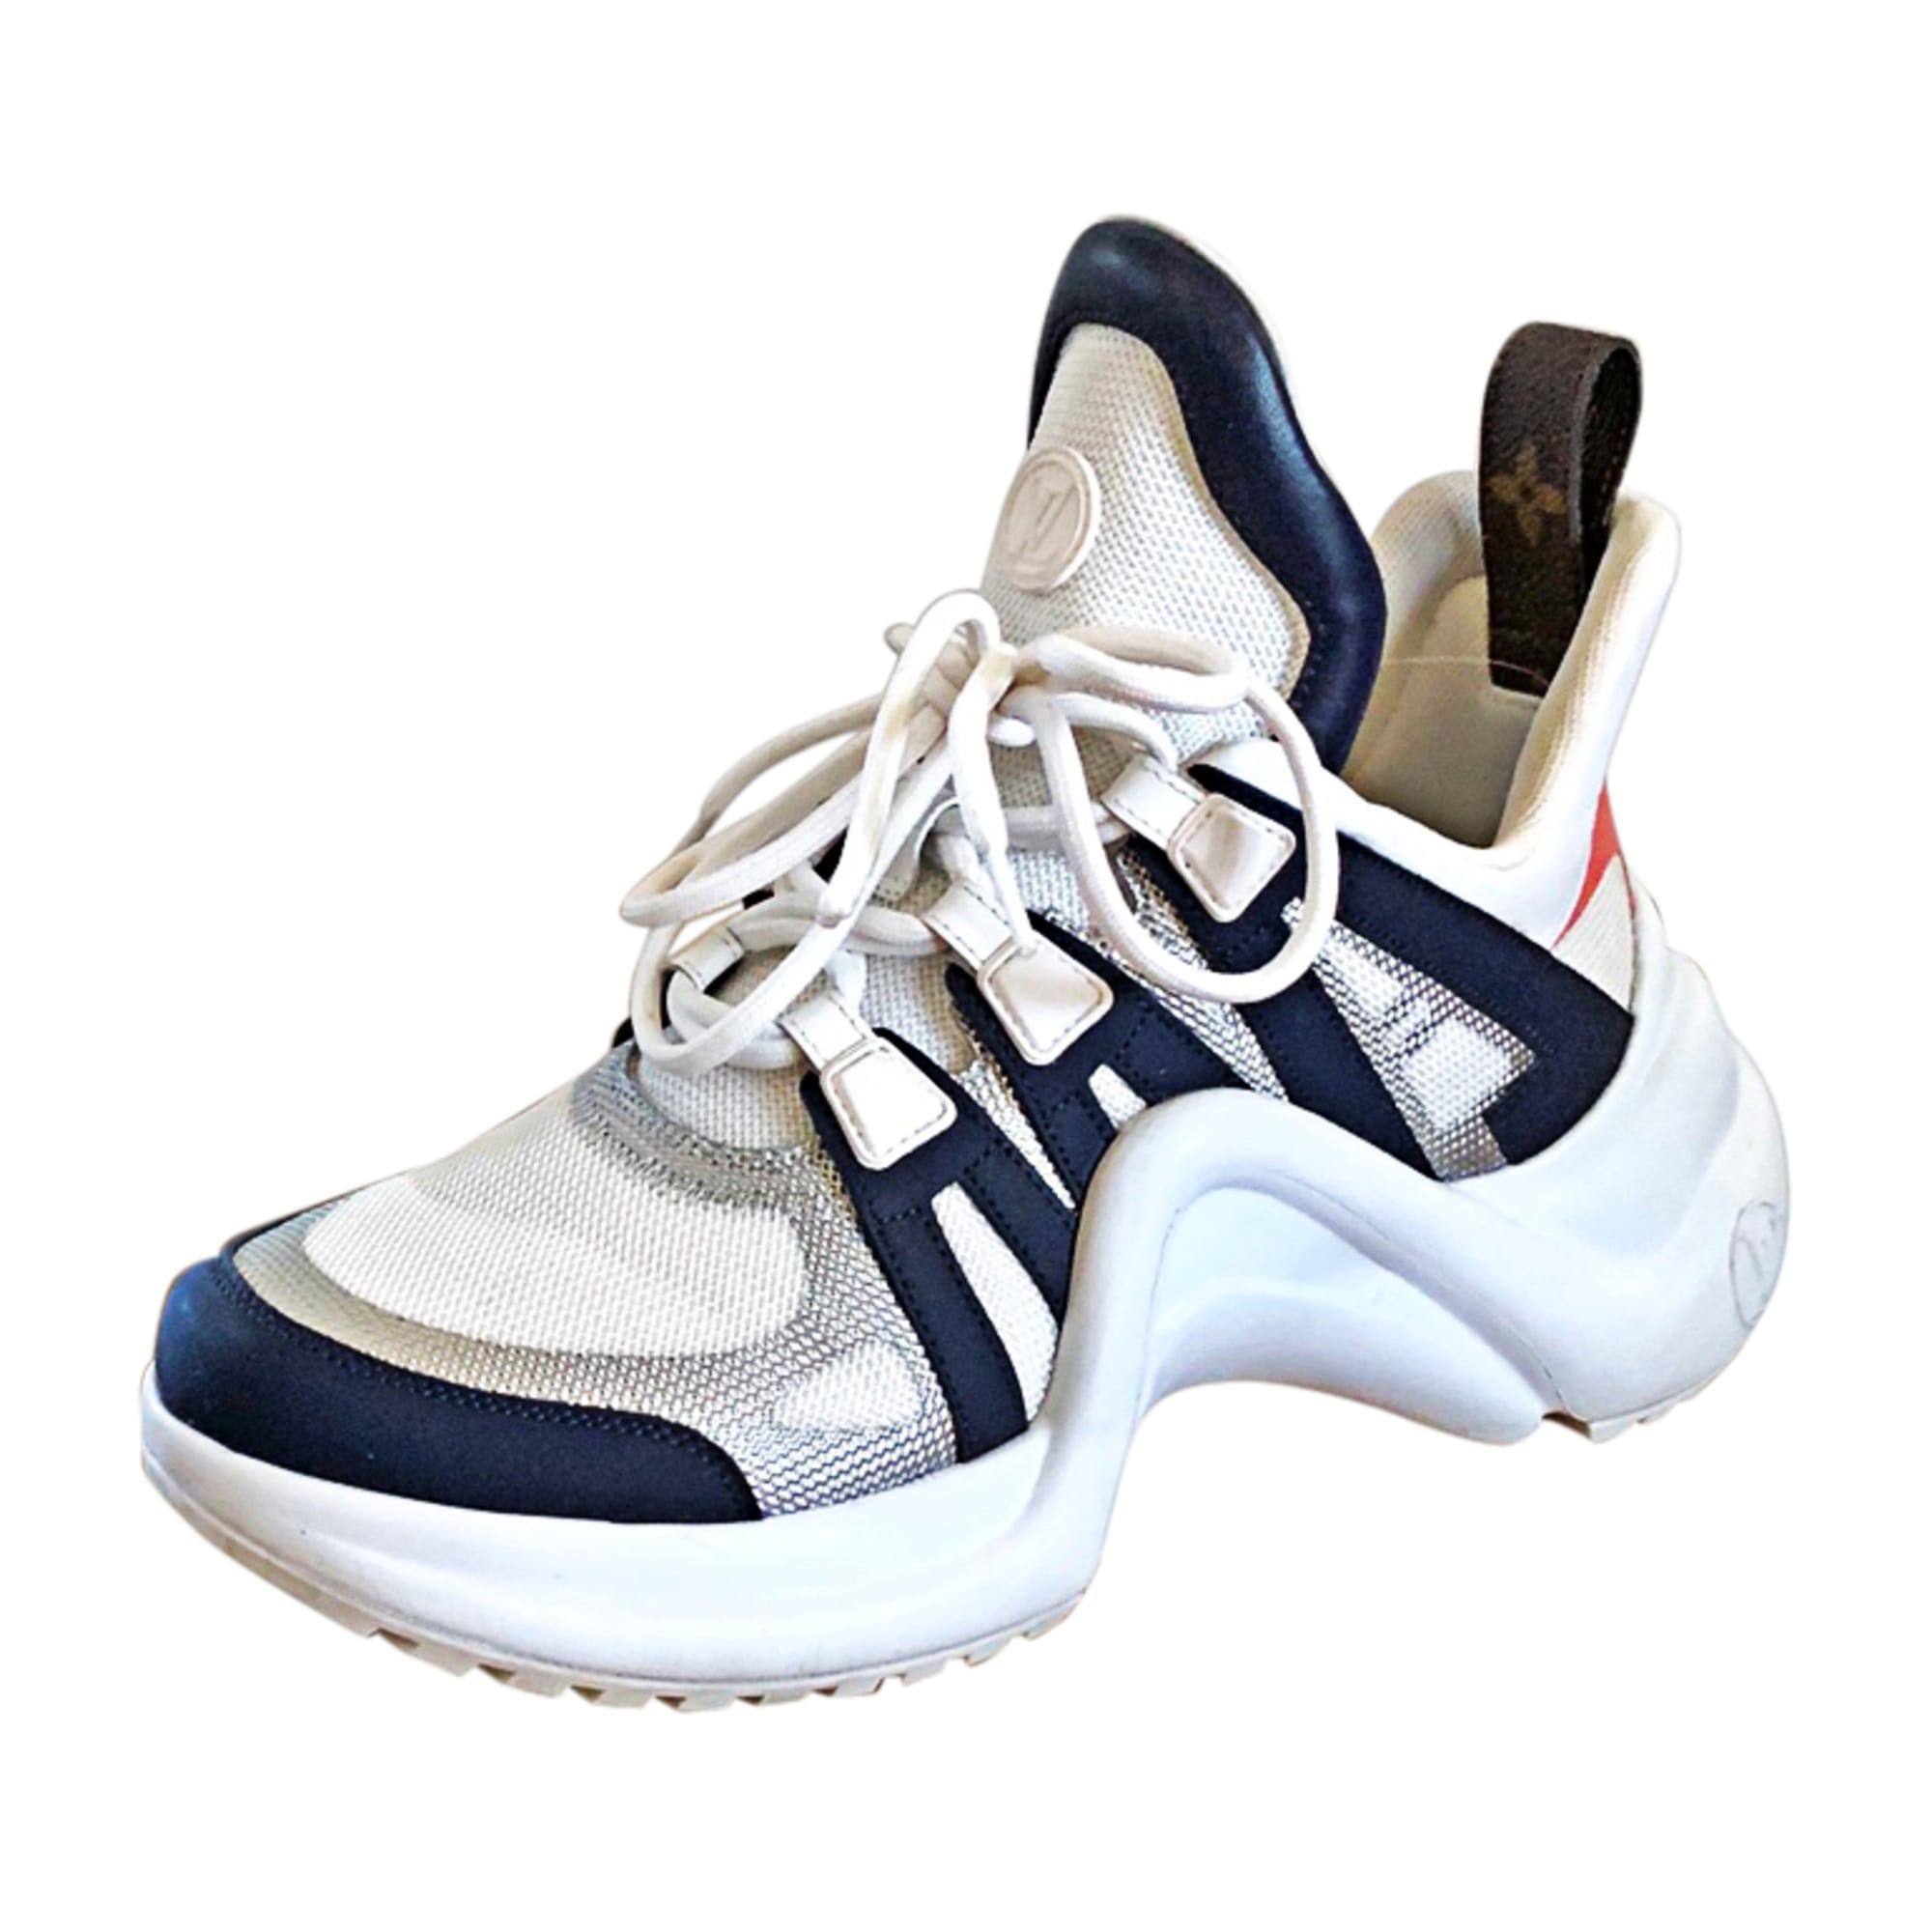 Chaussures de sport LOUIS VUITTON Archlight Blanc, blanc cassé, écru